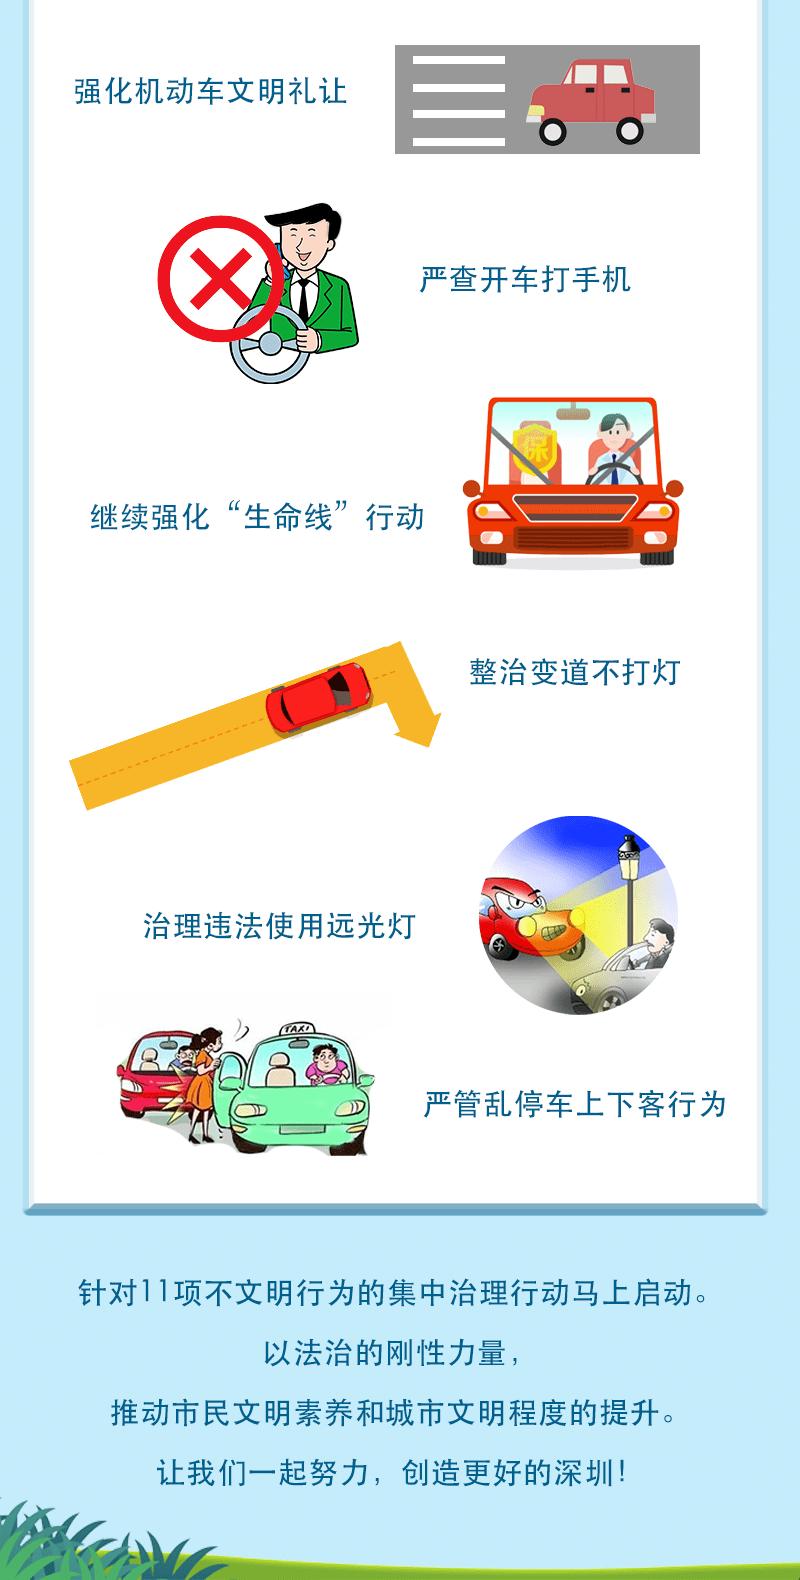 深圳发布治理清单,向这些不文明行为说不!